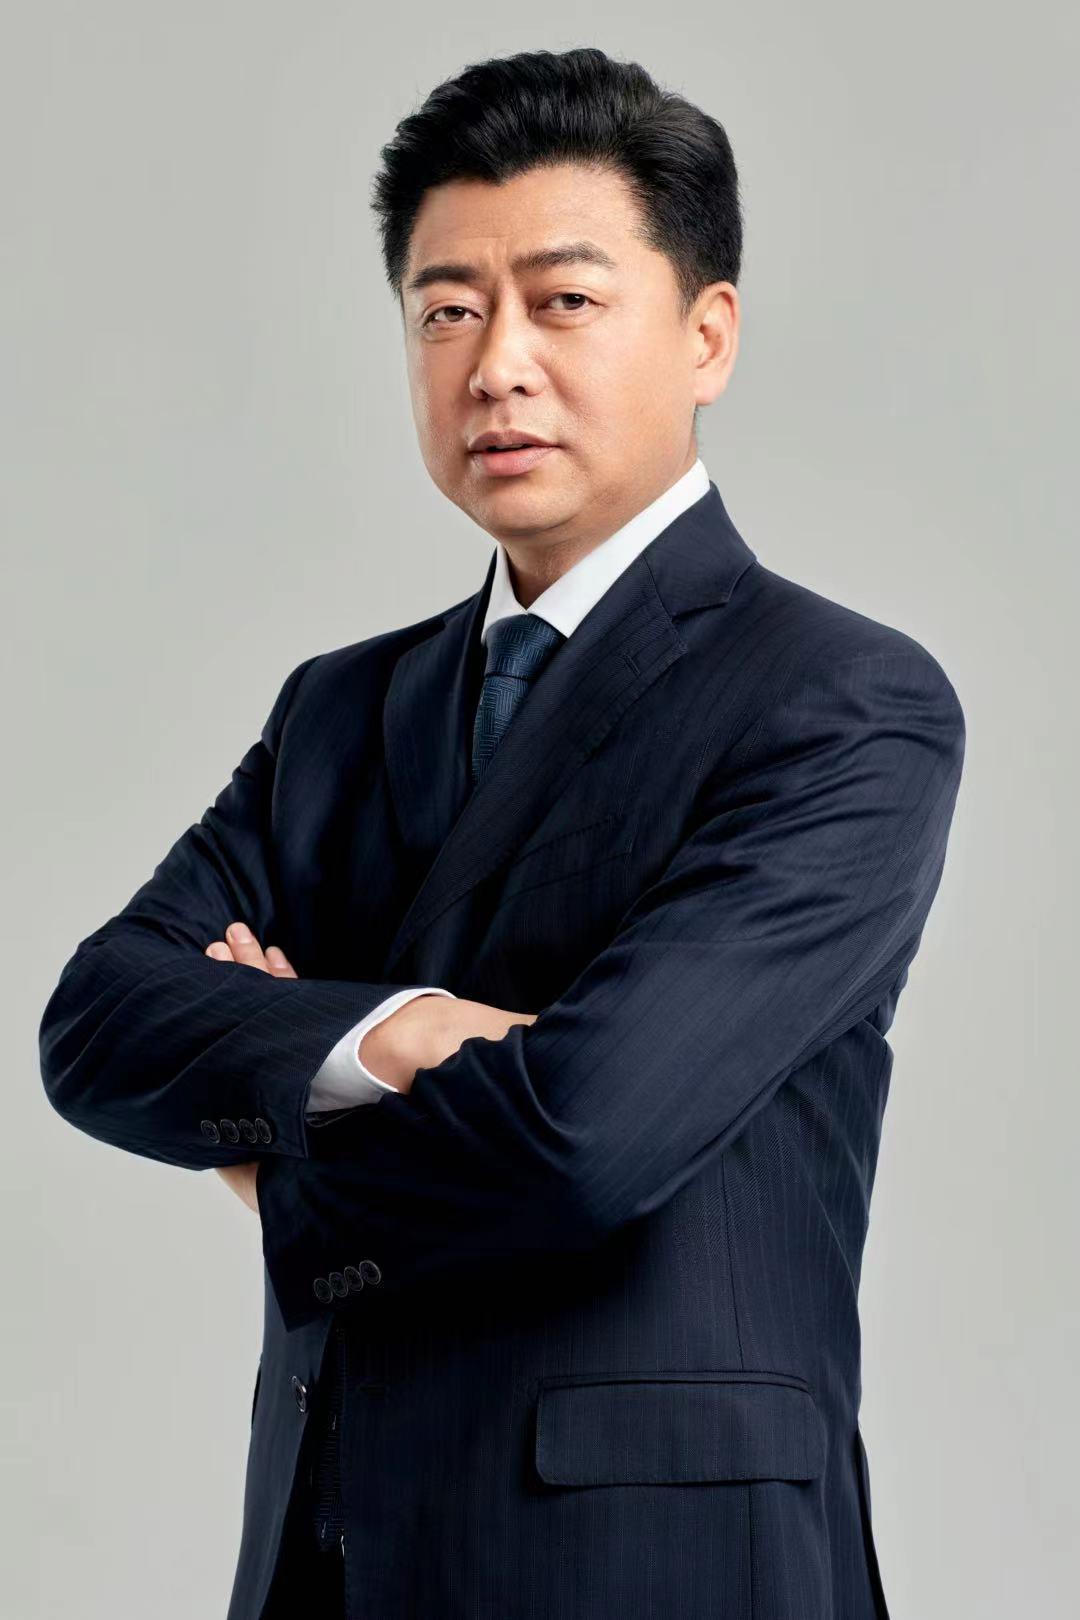 光辉代理马振山出任奇瑞捷豹路虎常务副总裁 担任中方一把手